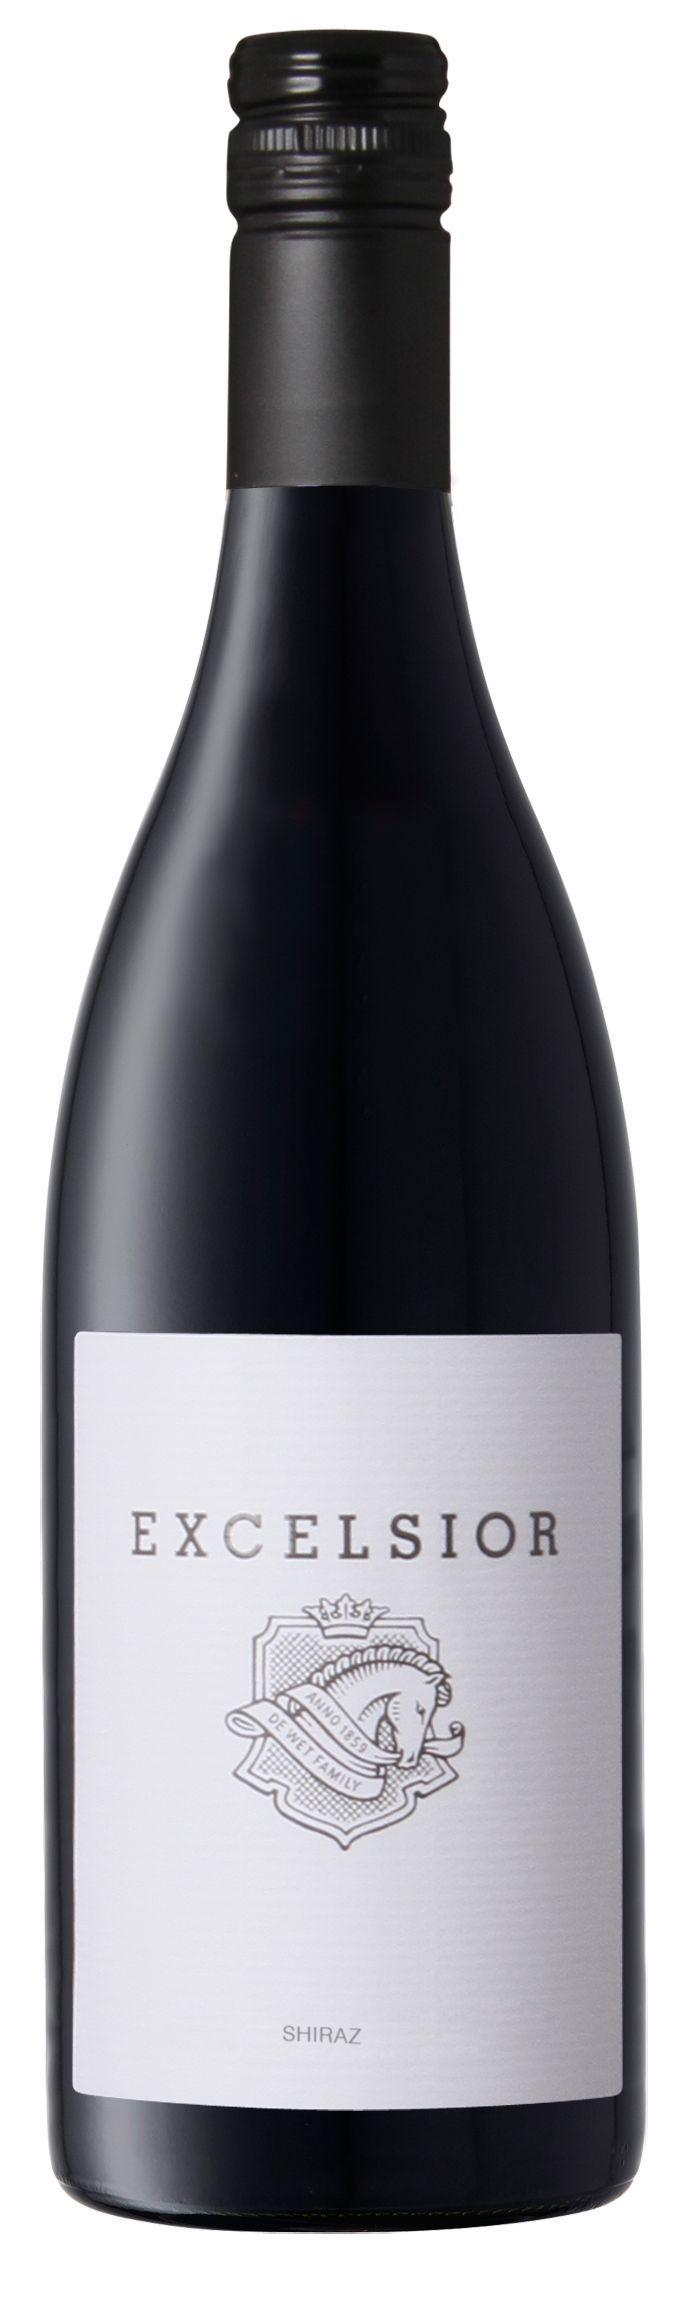 Excelsior Shiraz 2011, EUR 7,20 --> Wein online kaufen bei Shiraz & Co | Spezialist für Übersee Wein